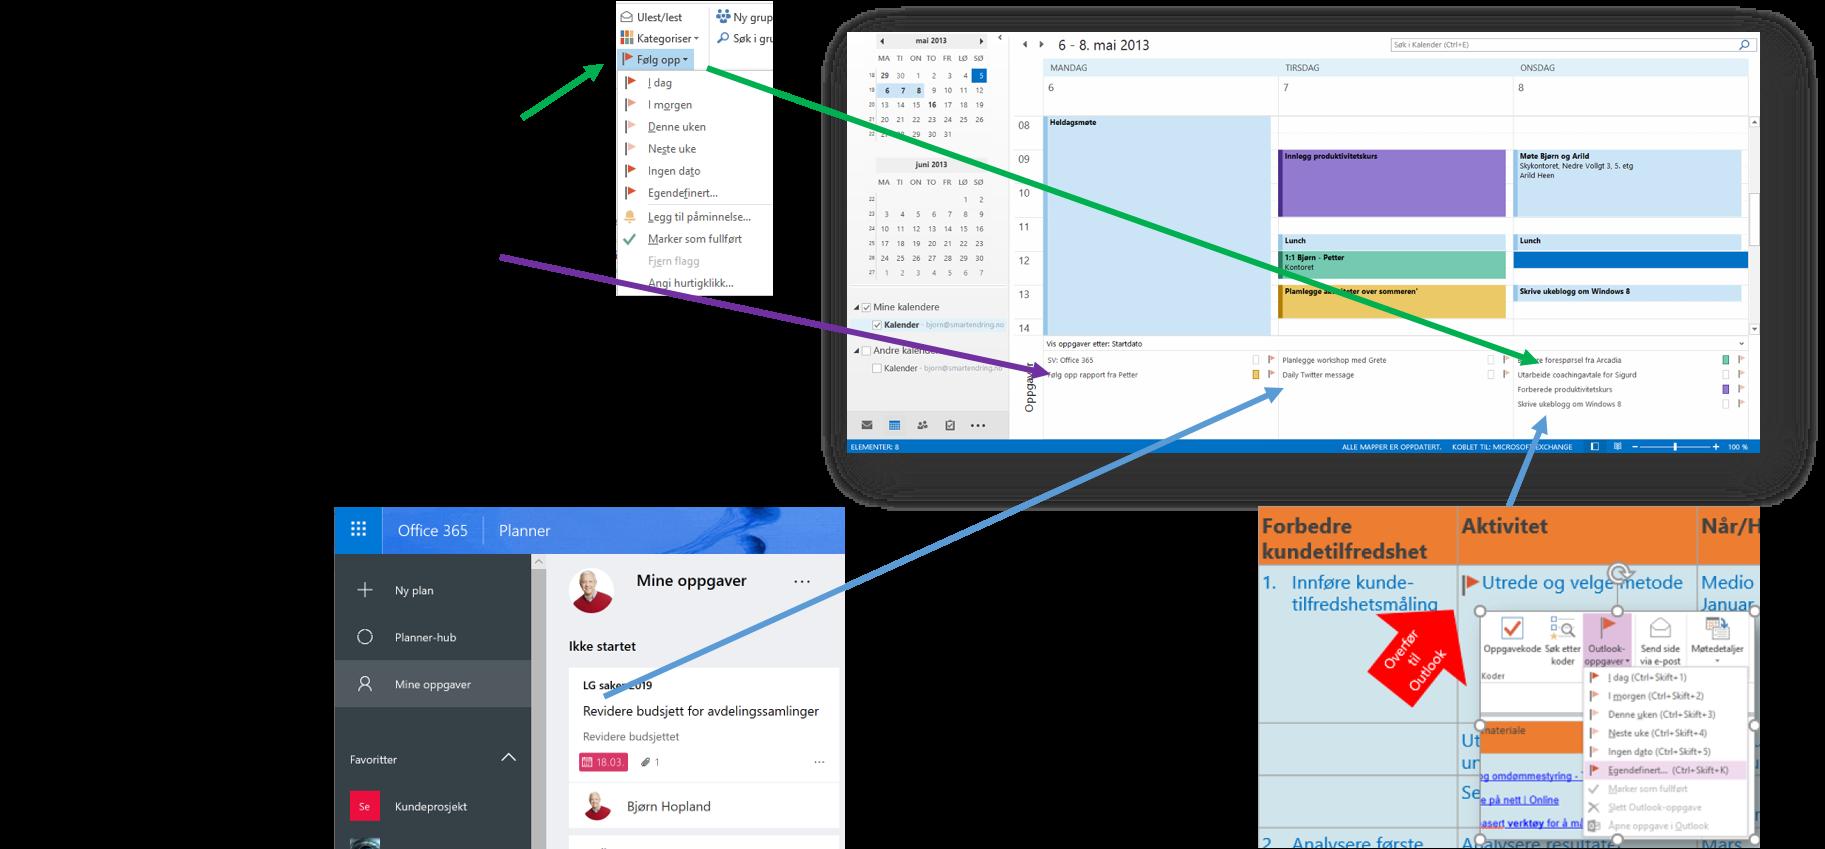 6339db84 Illustrasjon viser skjermbilder fra Outlook, Planner og ONeNOte og hvordan  man overfører alle oppgaver til